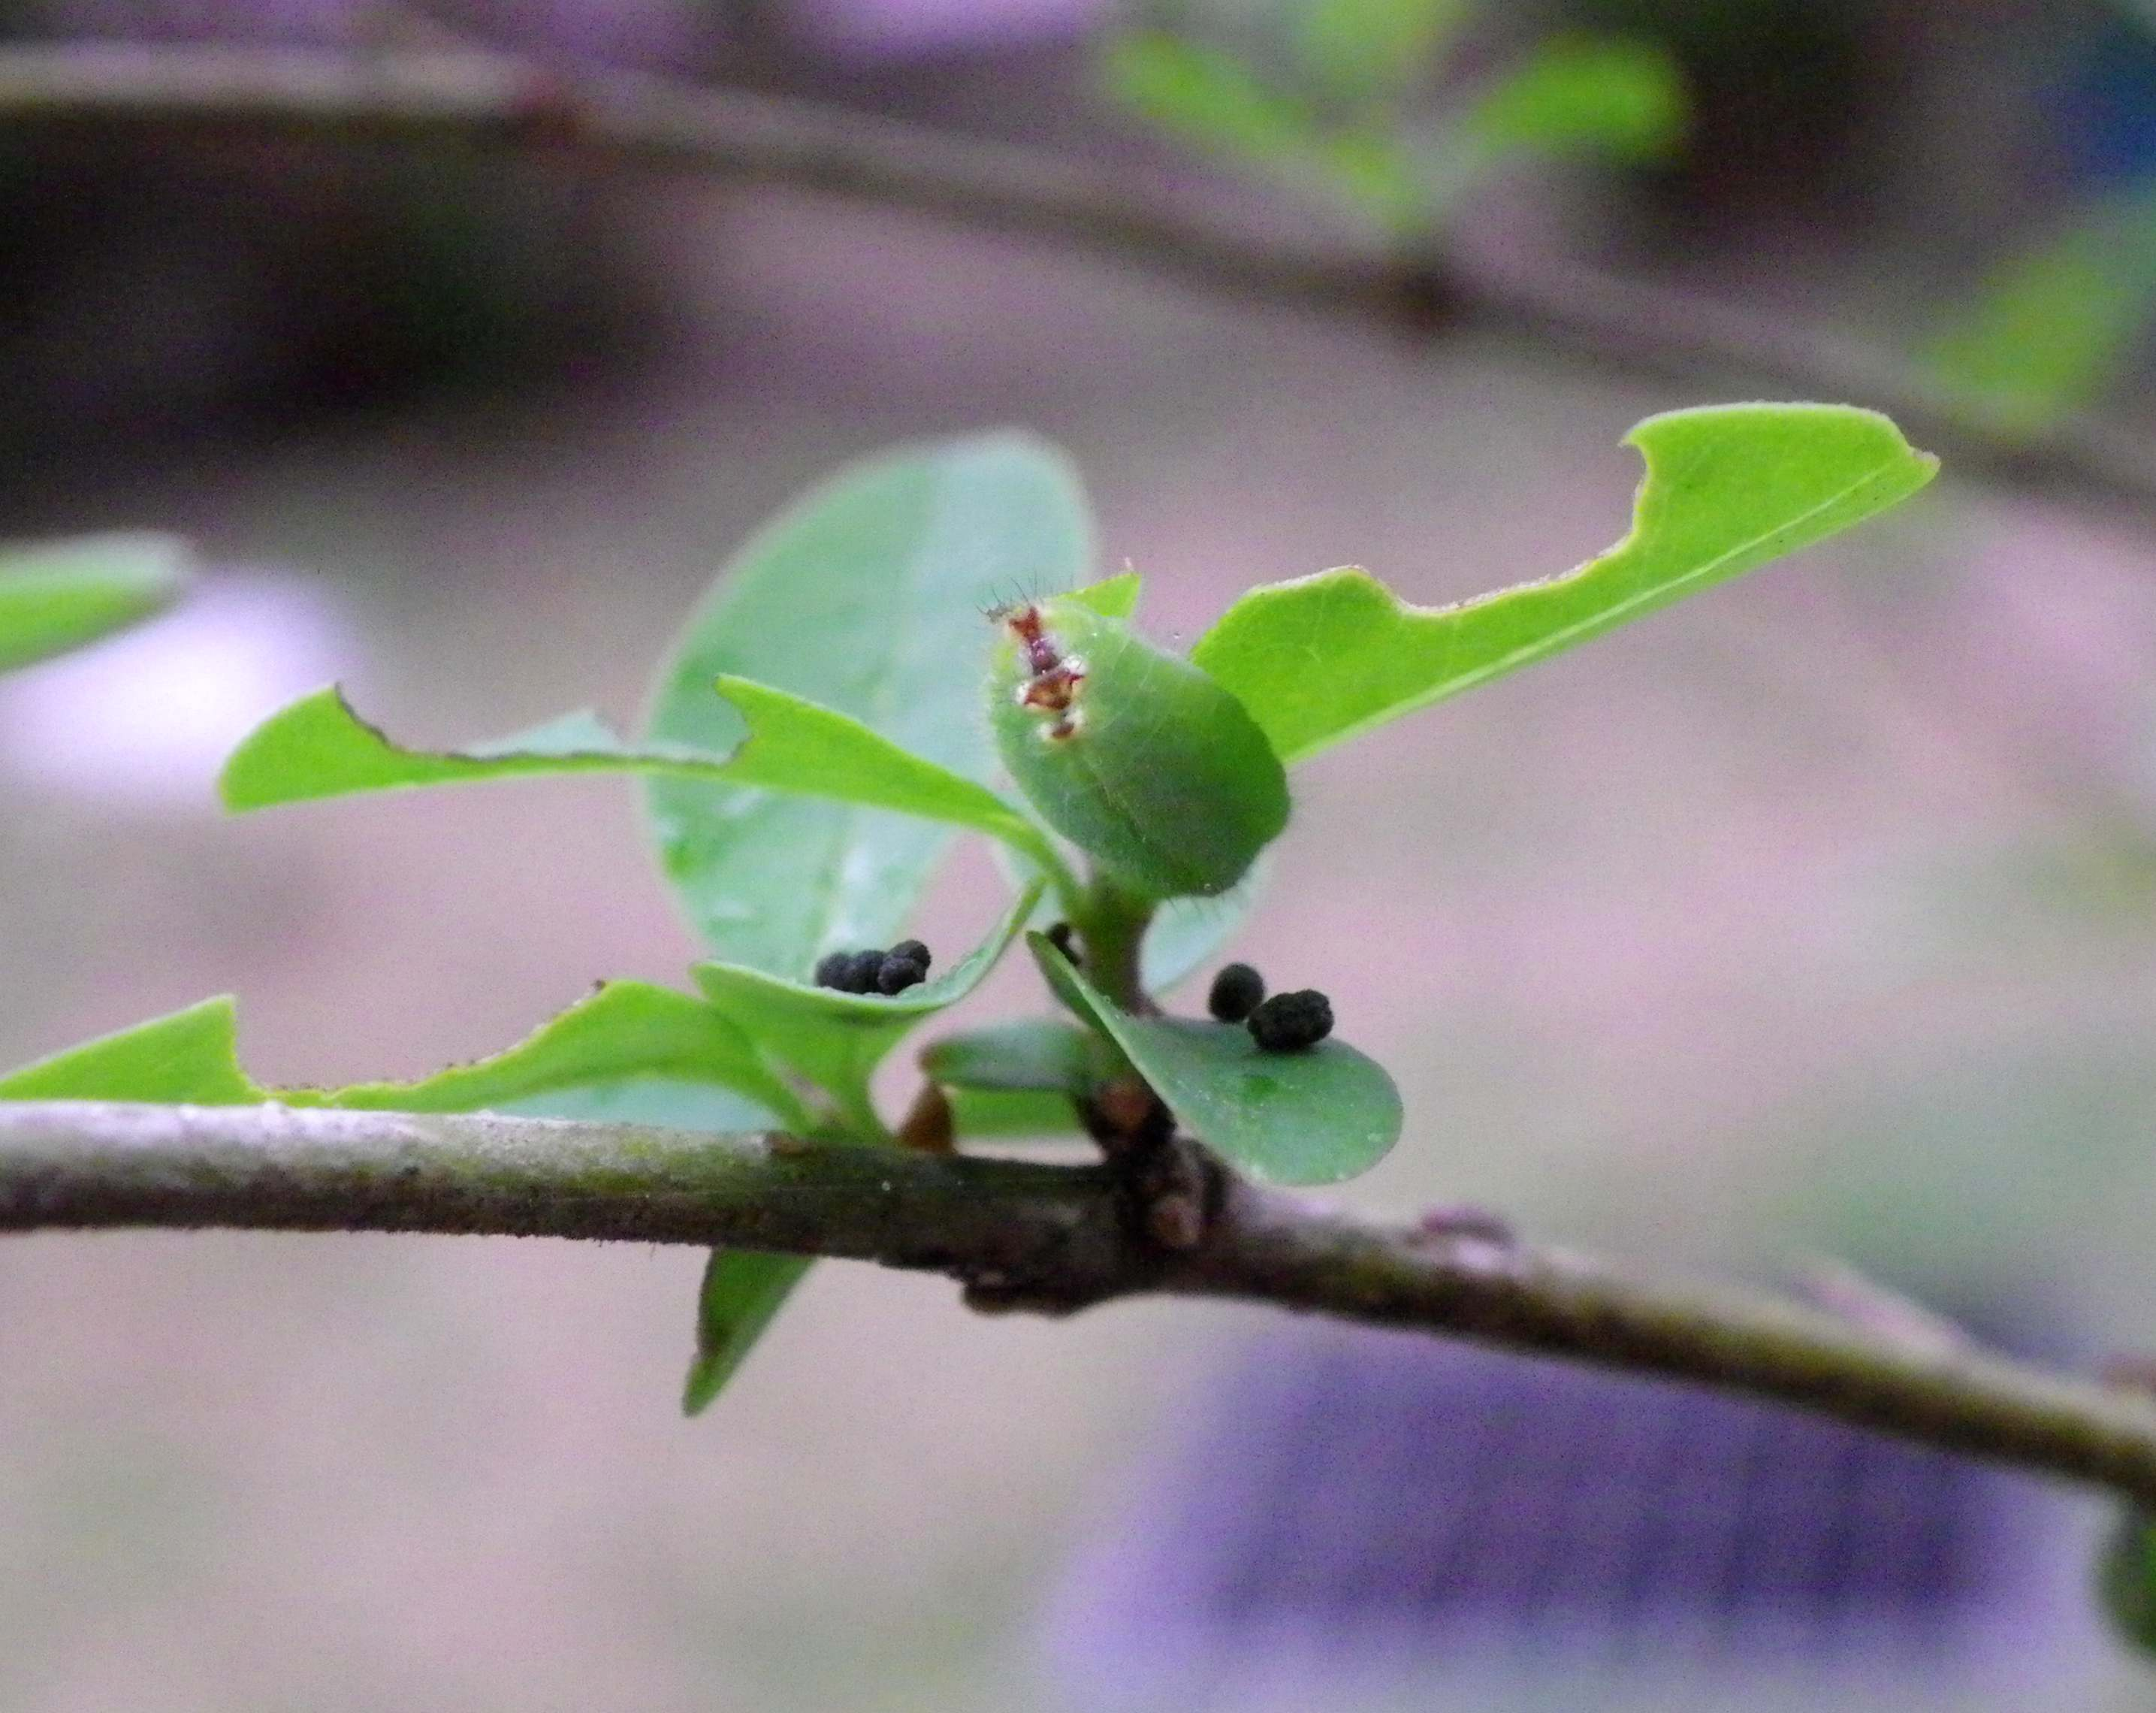 ウラゴマダラシジミ他 庭の幼虫達_d0254540_15535788.jpg